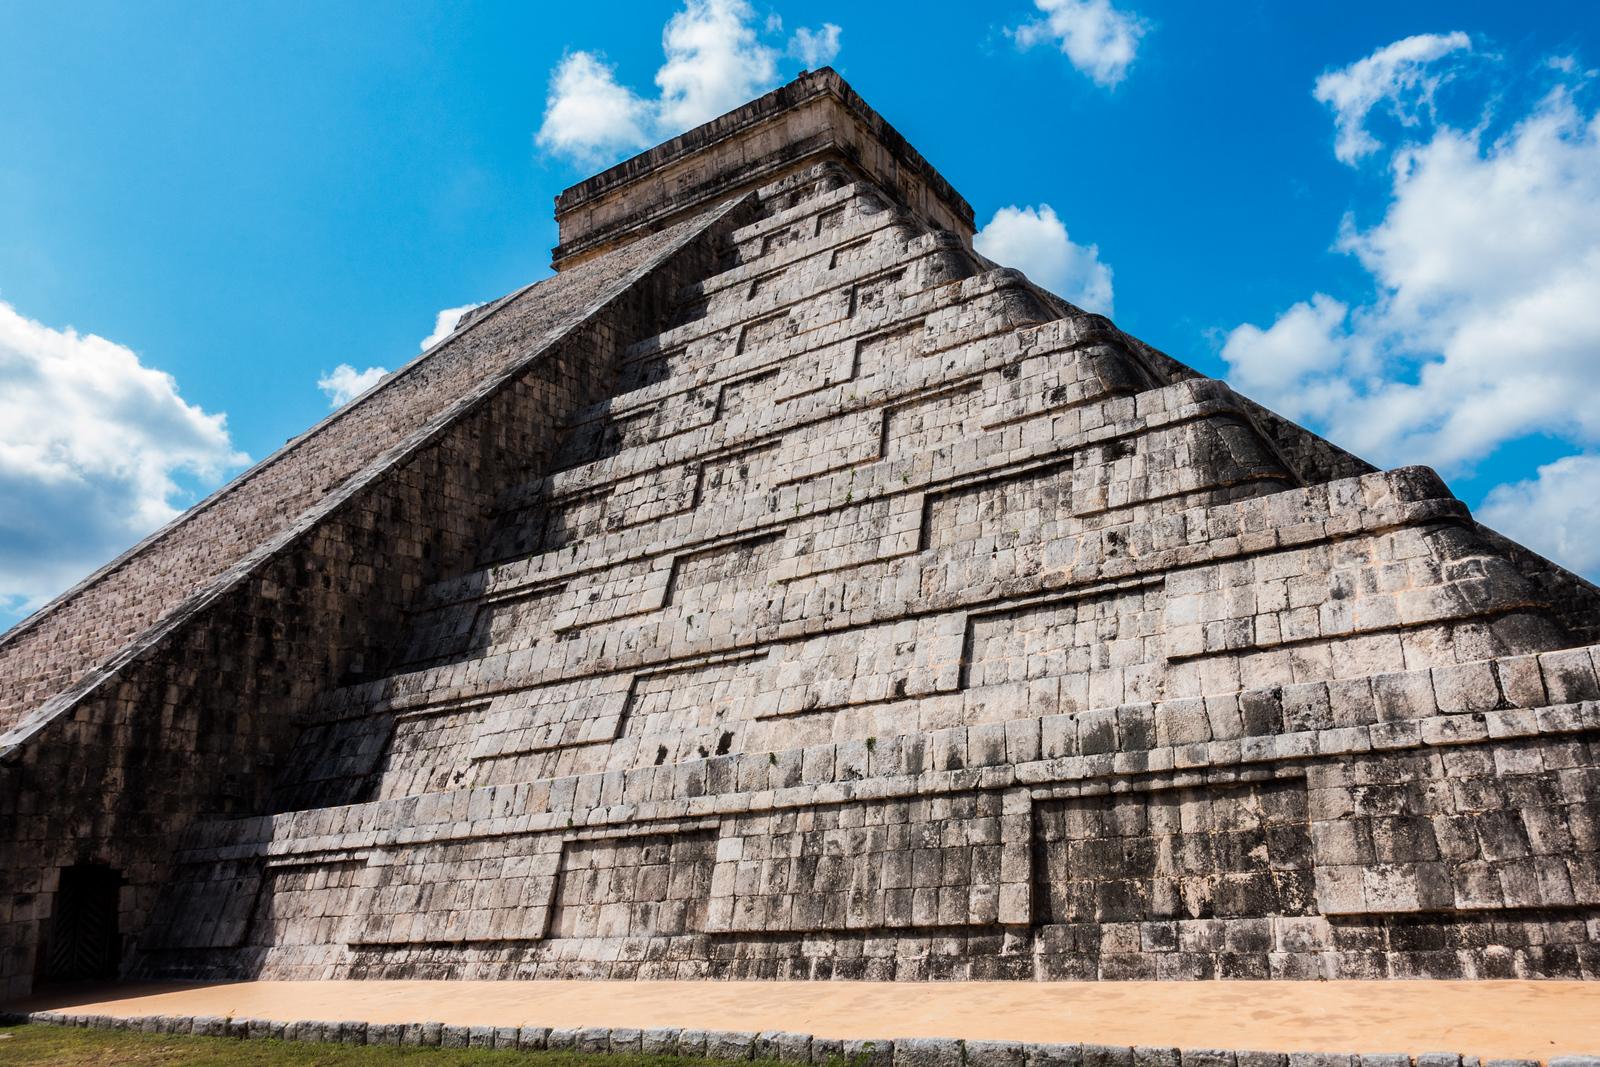 Chichen Itza temples in Cancun, Mexico